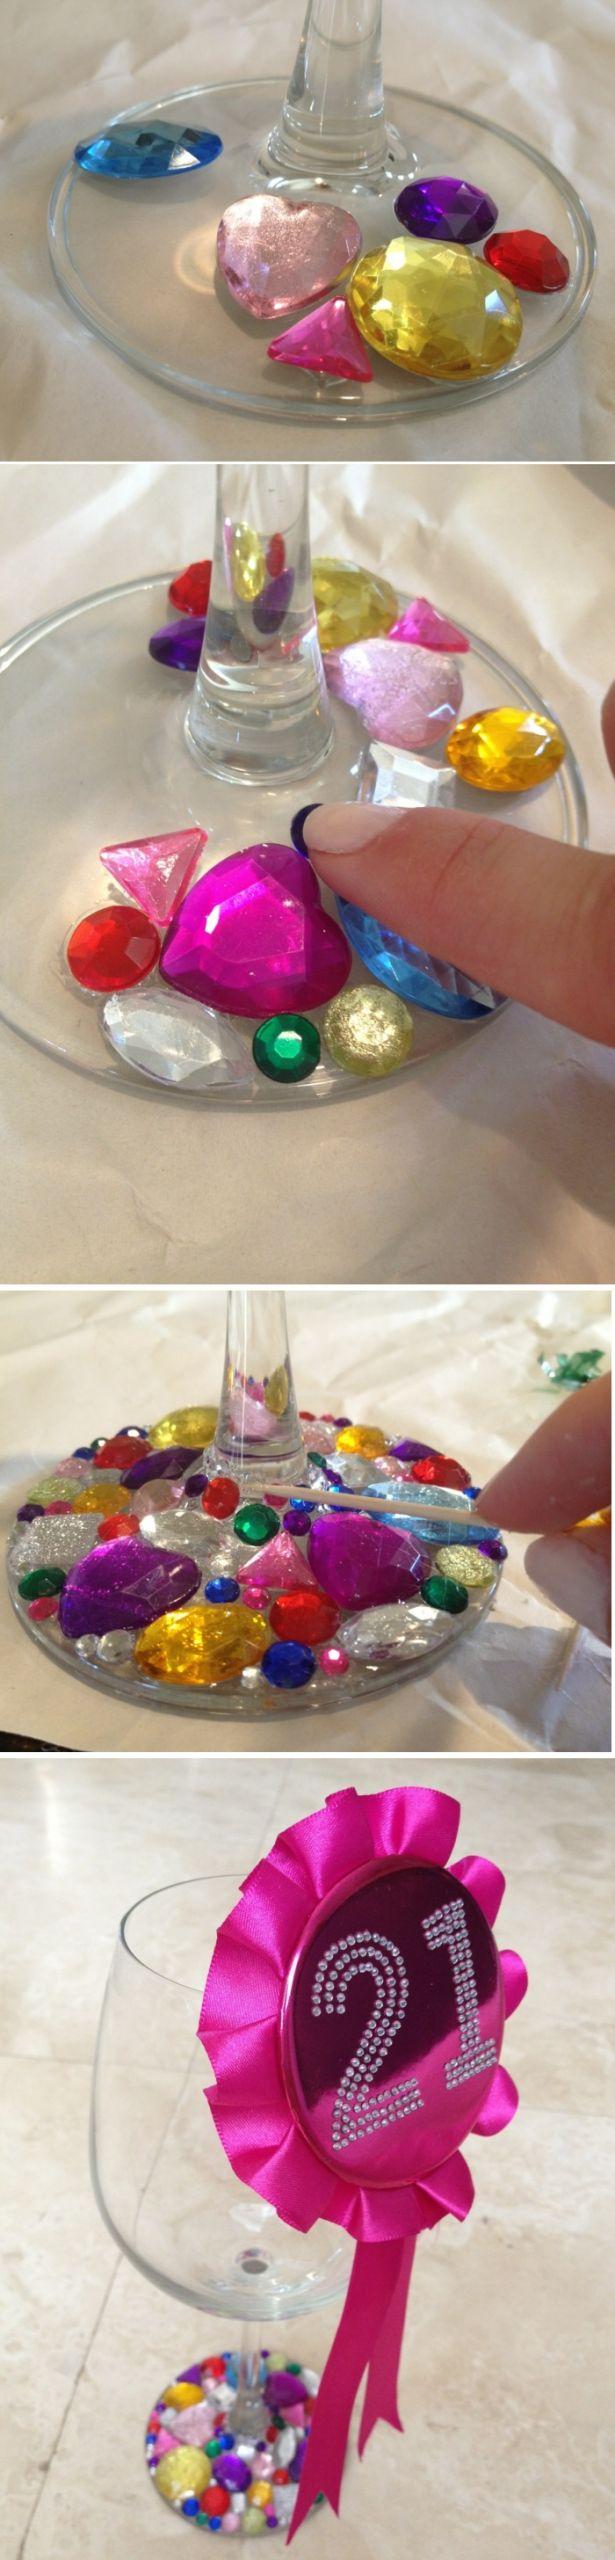 basteln mit gl C3 A4sern glas mit strass strasssteinchen verzieren zahnstocher diy